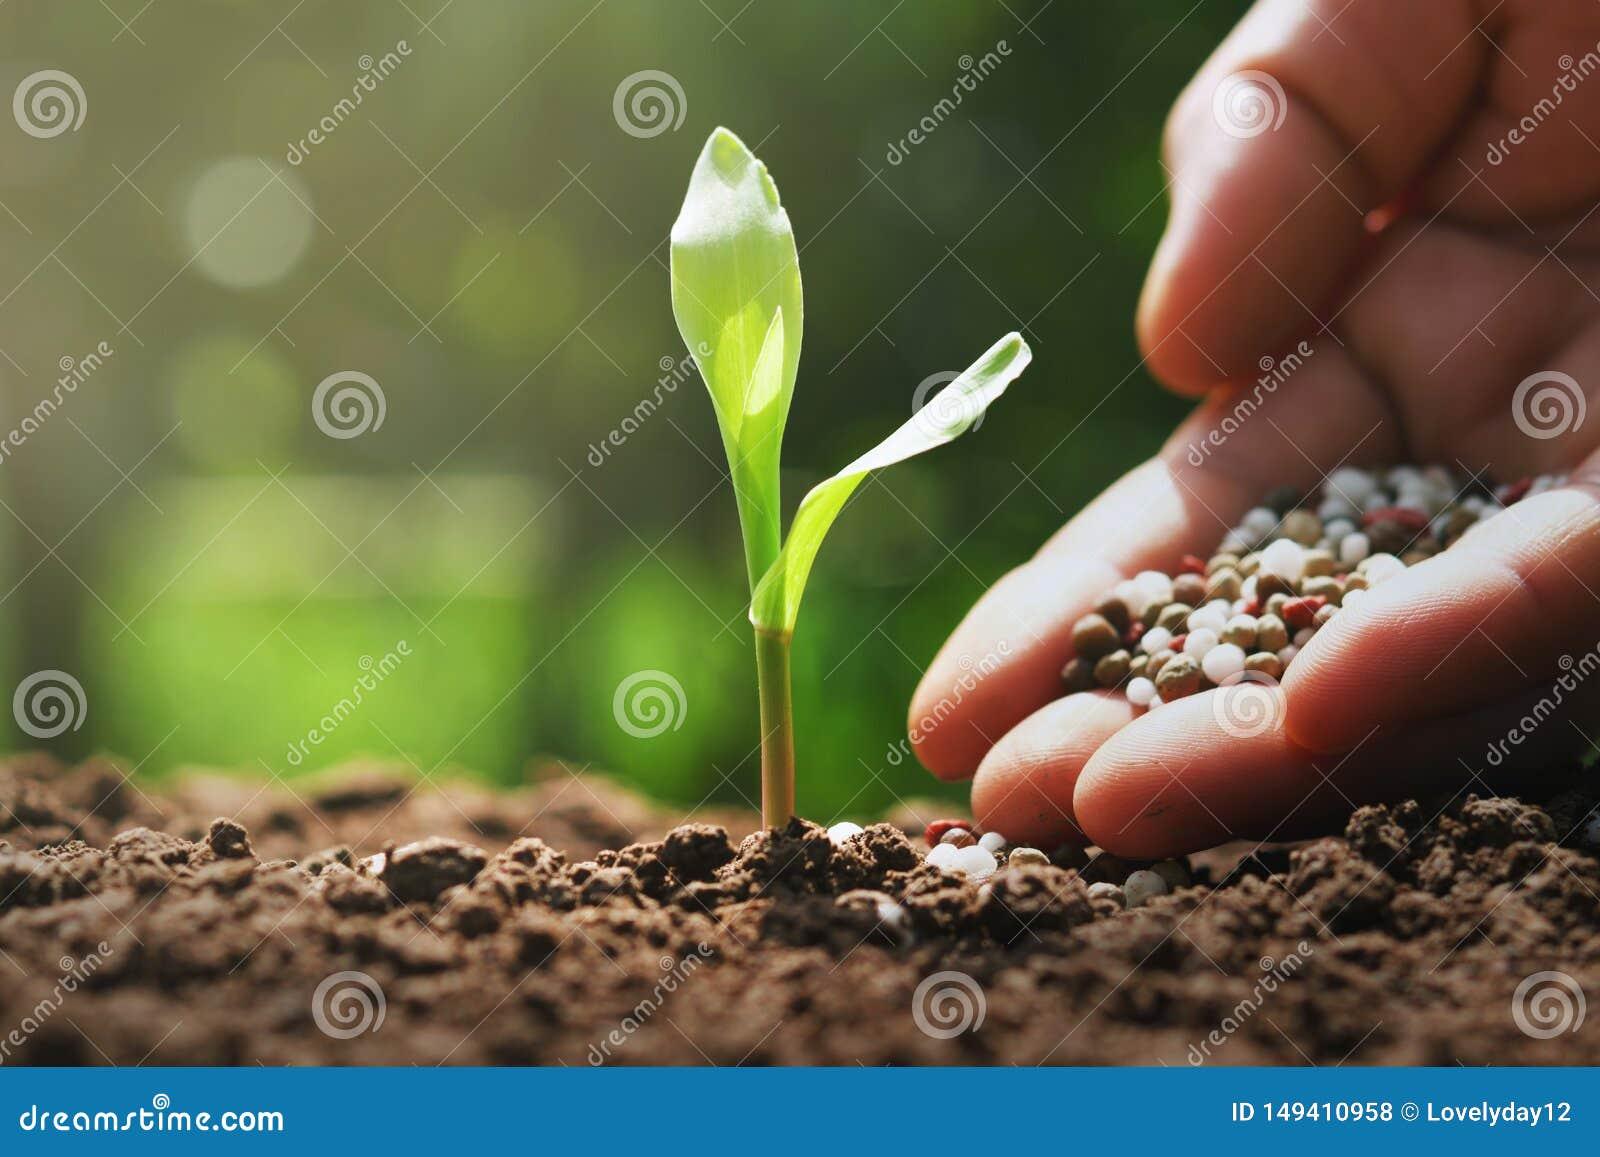 рука фермера льет химические удобрения для молодой мозоли в ферме